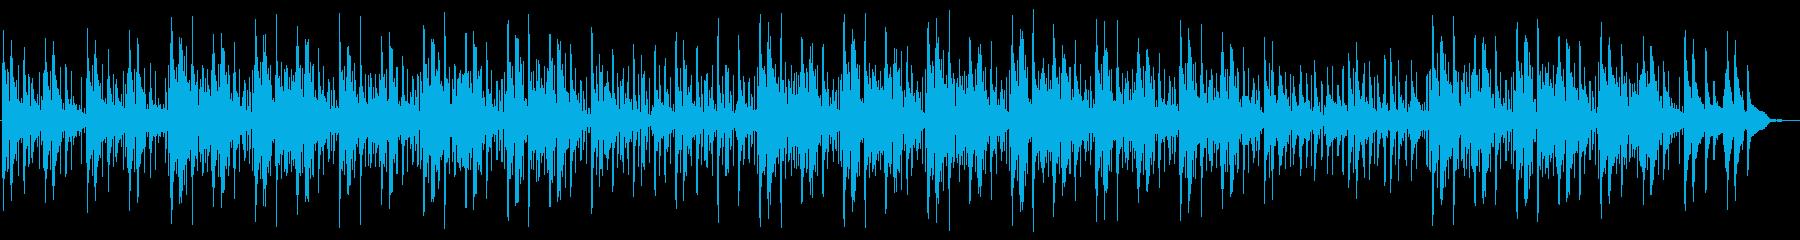 Lofi・Jazz・チルアウト・落ち着きの再生済みの波形